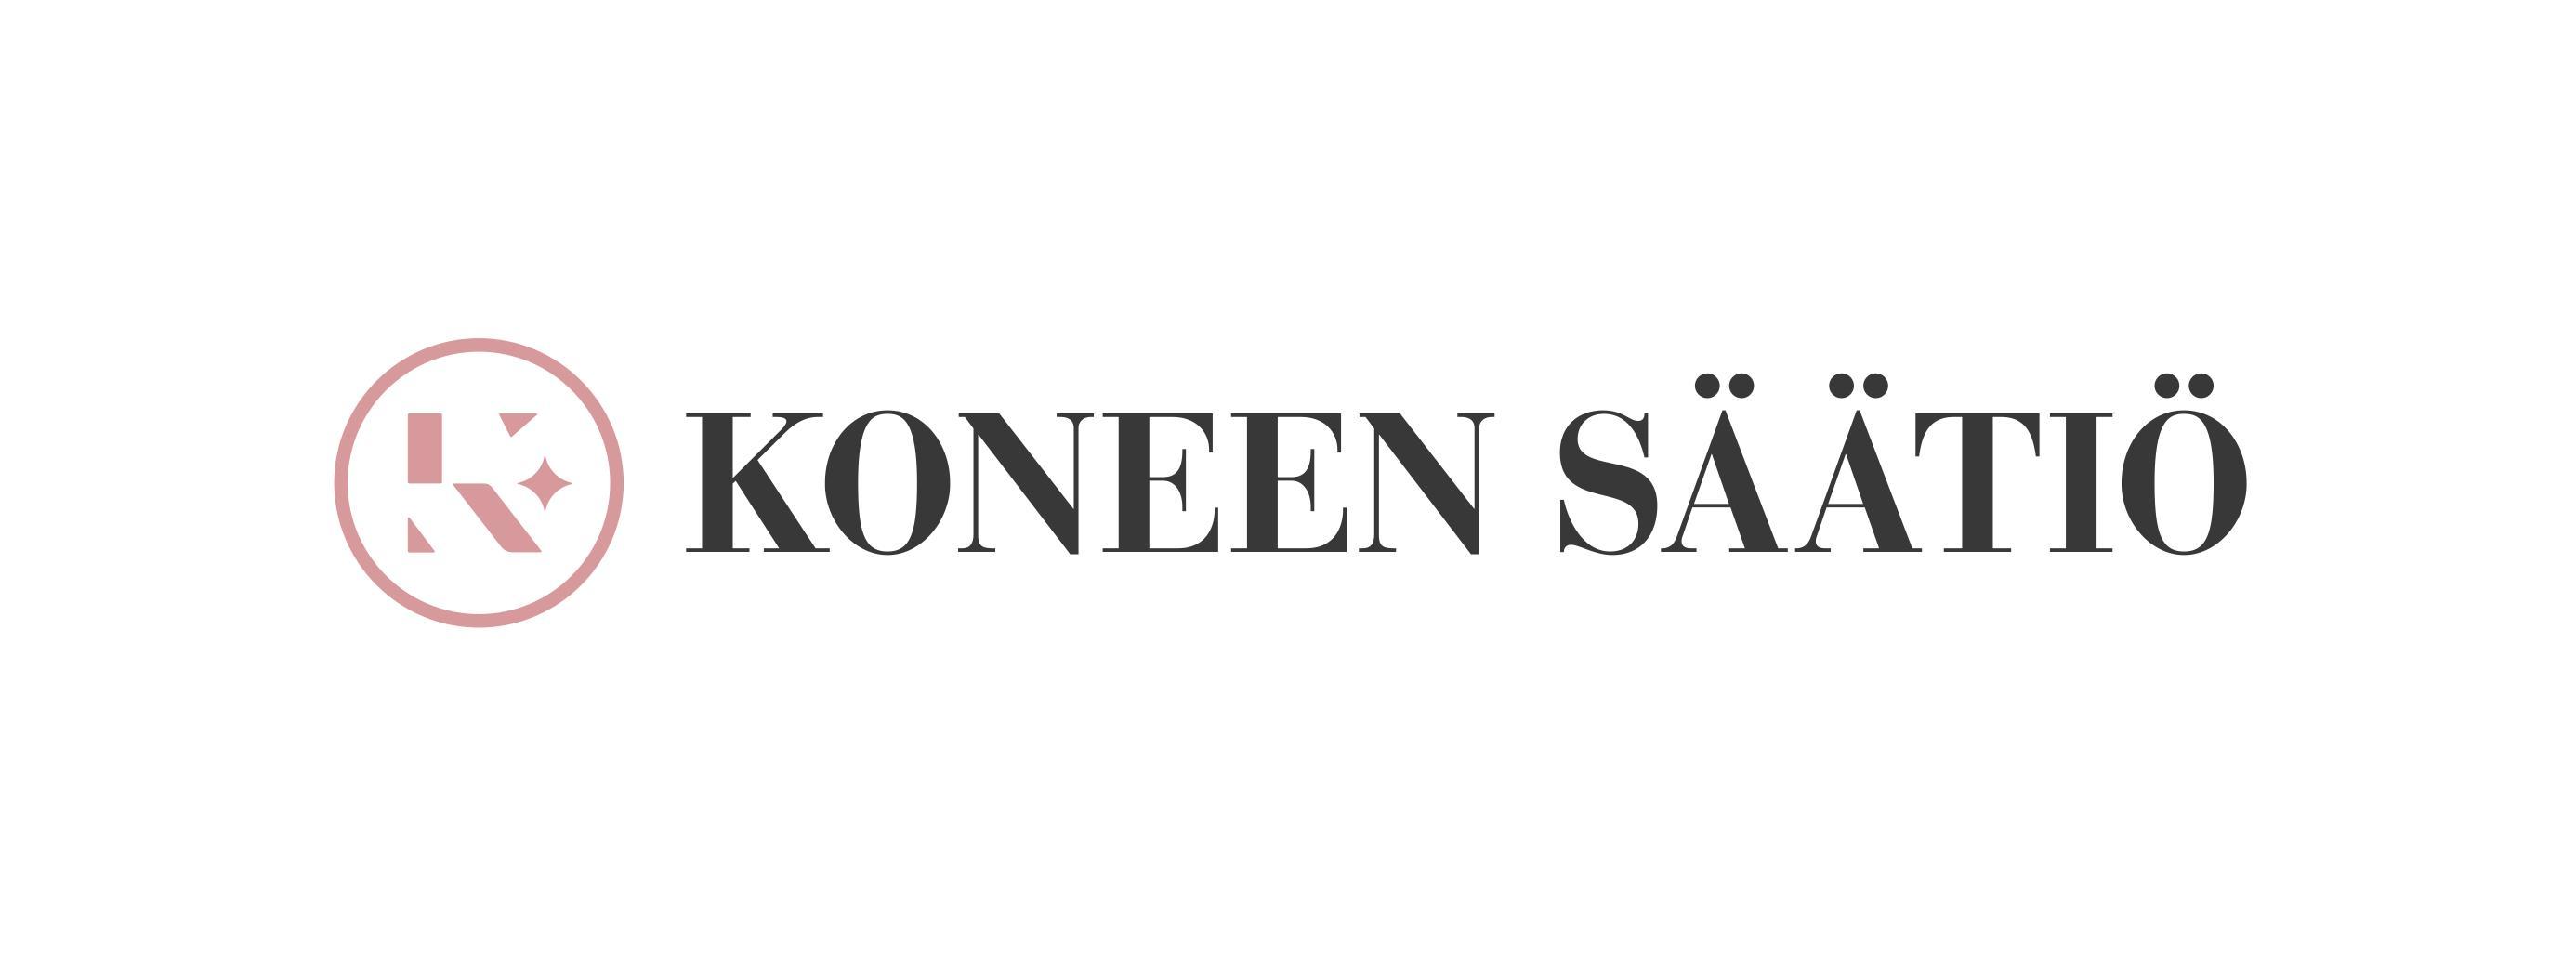 https://i1.wp.com/www.koneensaatio.fi/wp-content/uploads/pinkki-Koneensaatio-logo.jpg